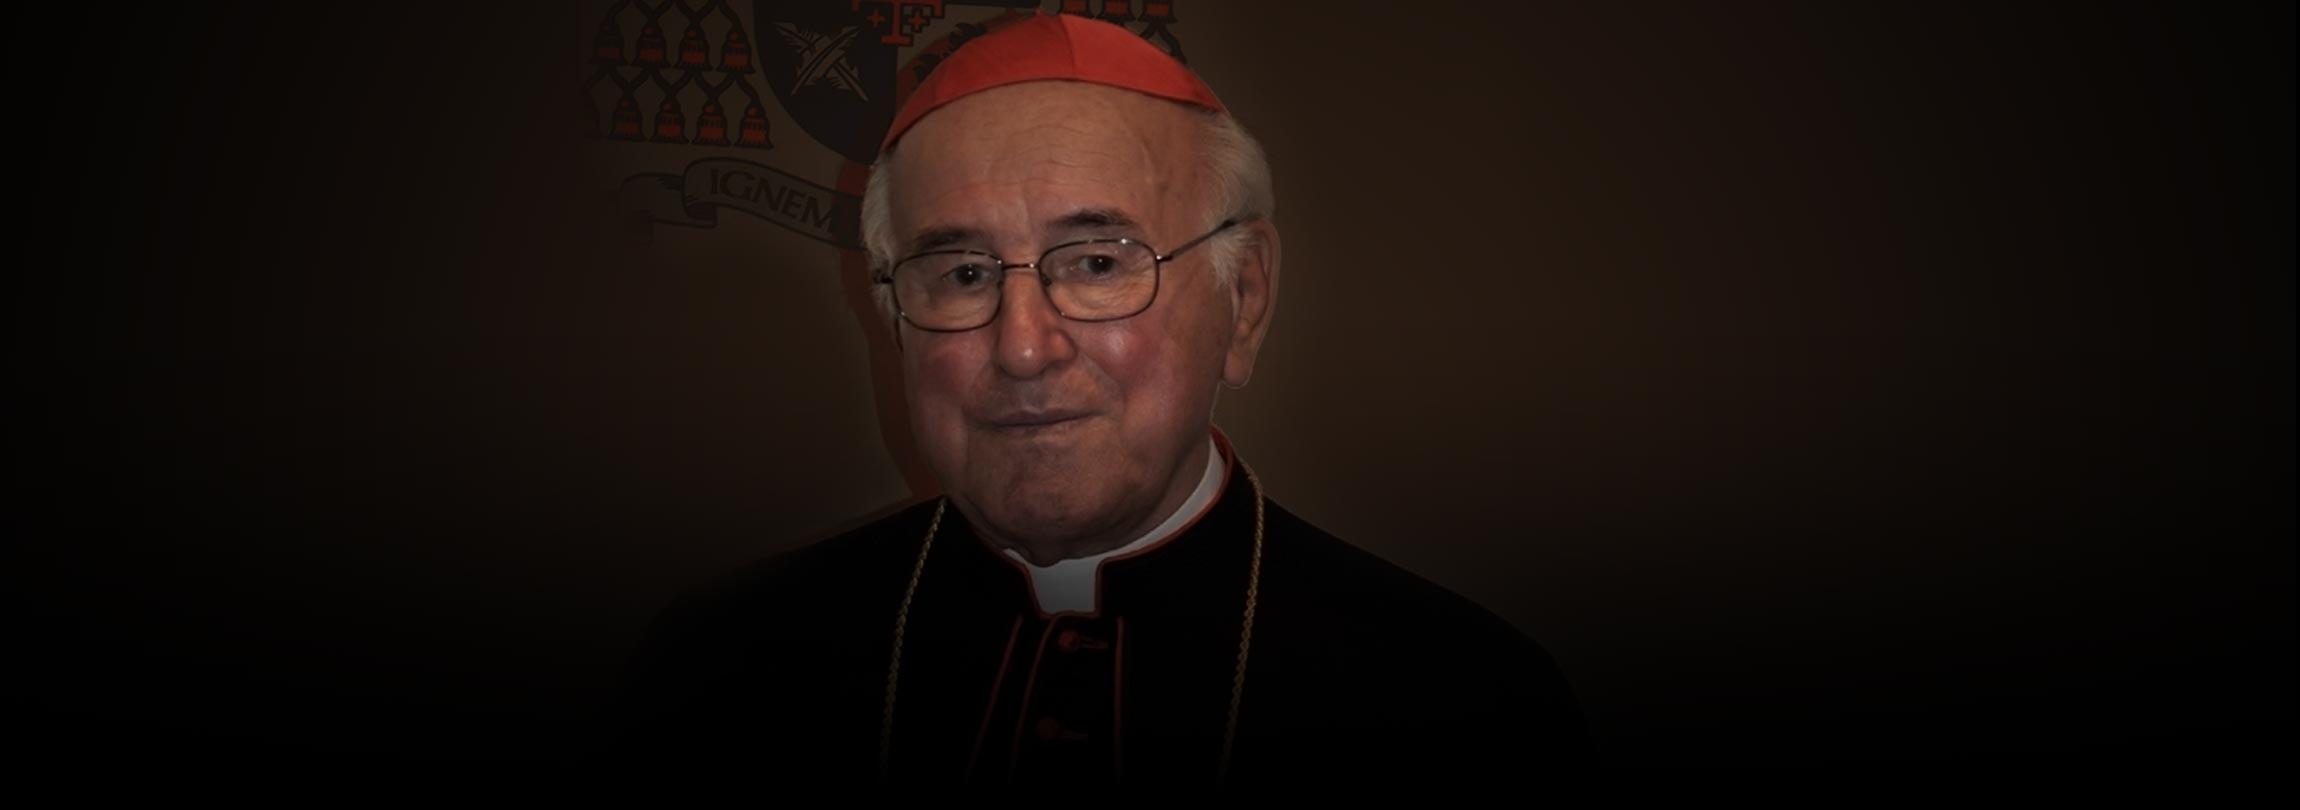 """Cardeal Brandmüller: """"Uma mudança do dogma é impensável"""""""